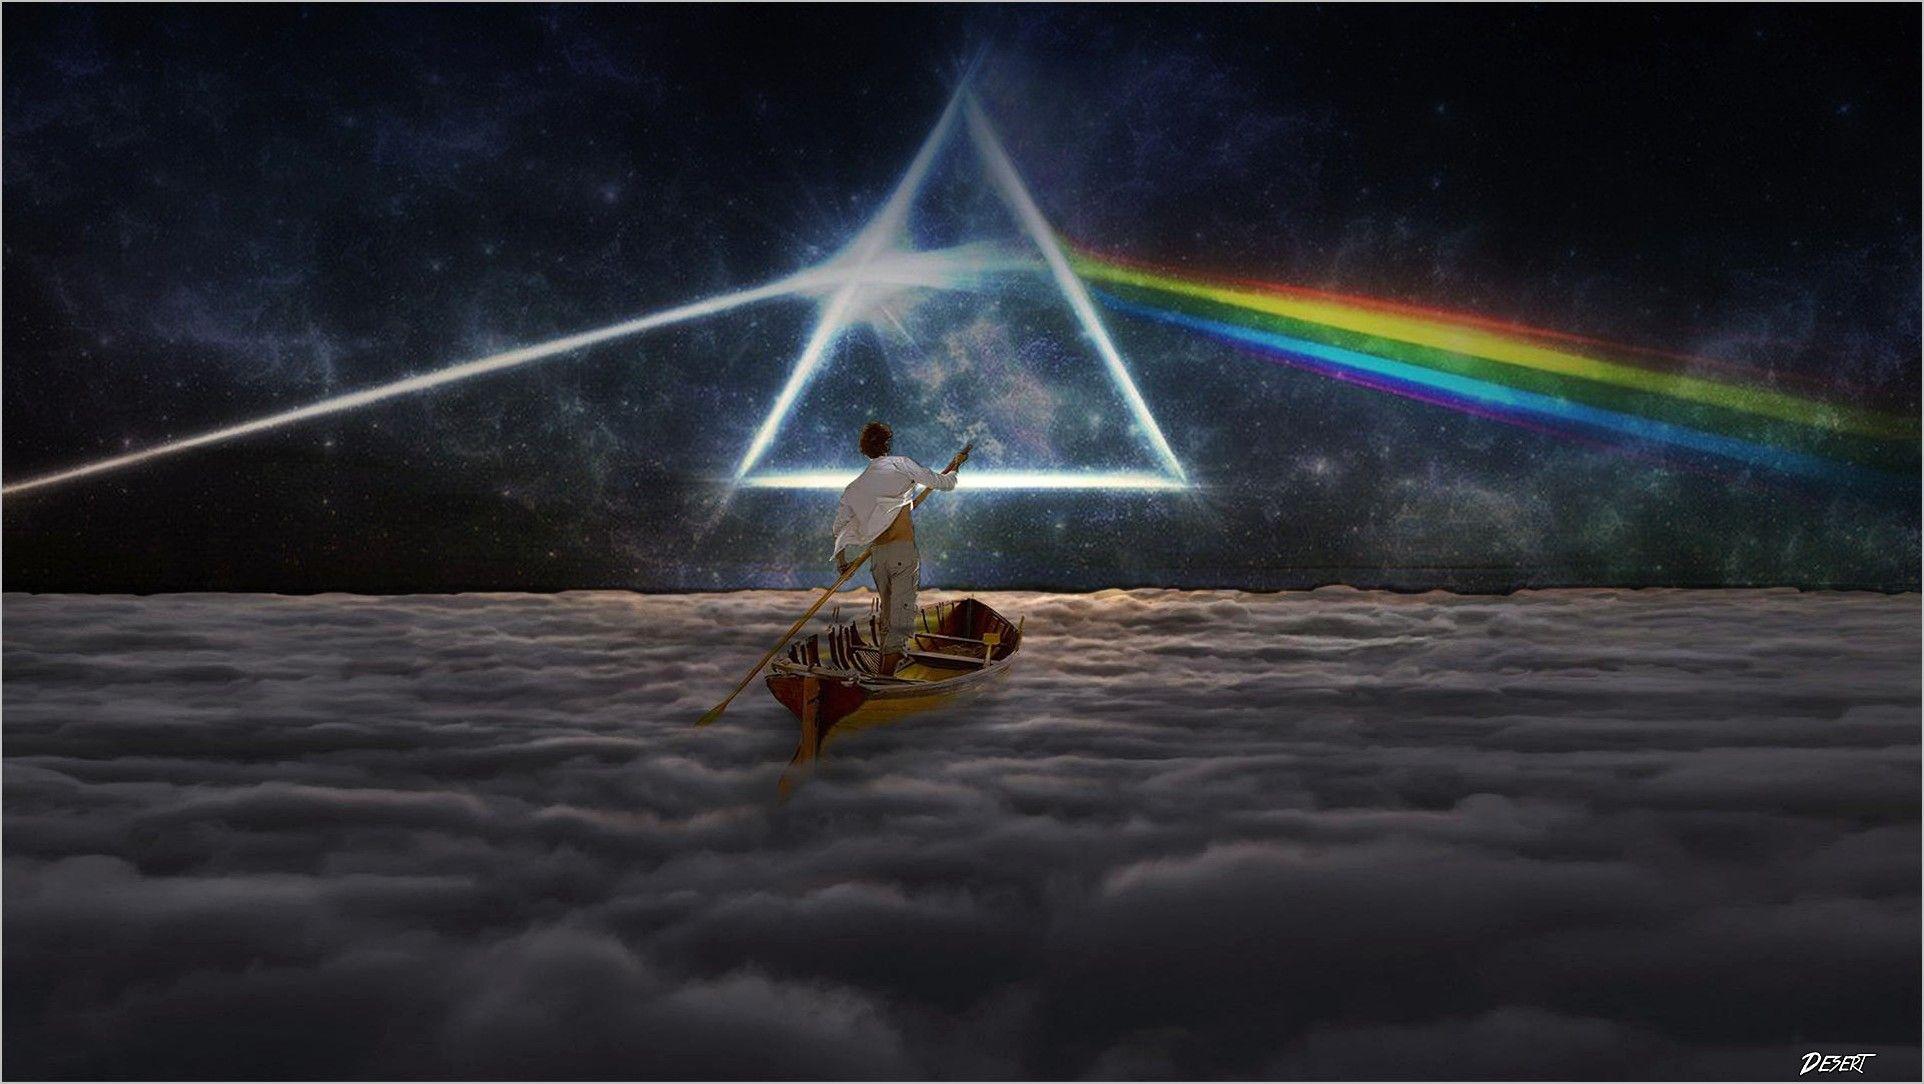 Pink Floyd Wallpaper 4k Pc In 2020 Pink Floyd Wallpaper Cool Wallpapers Art Pink Floyd Art